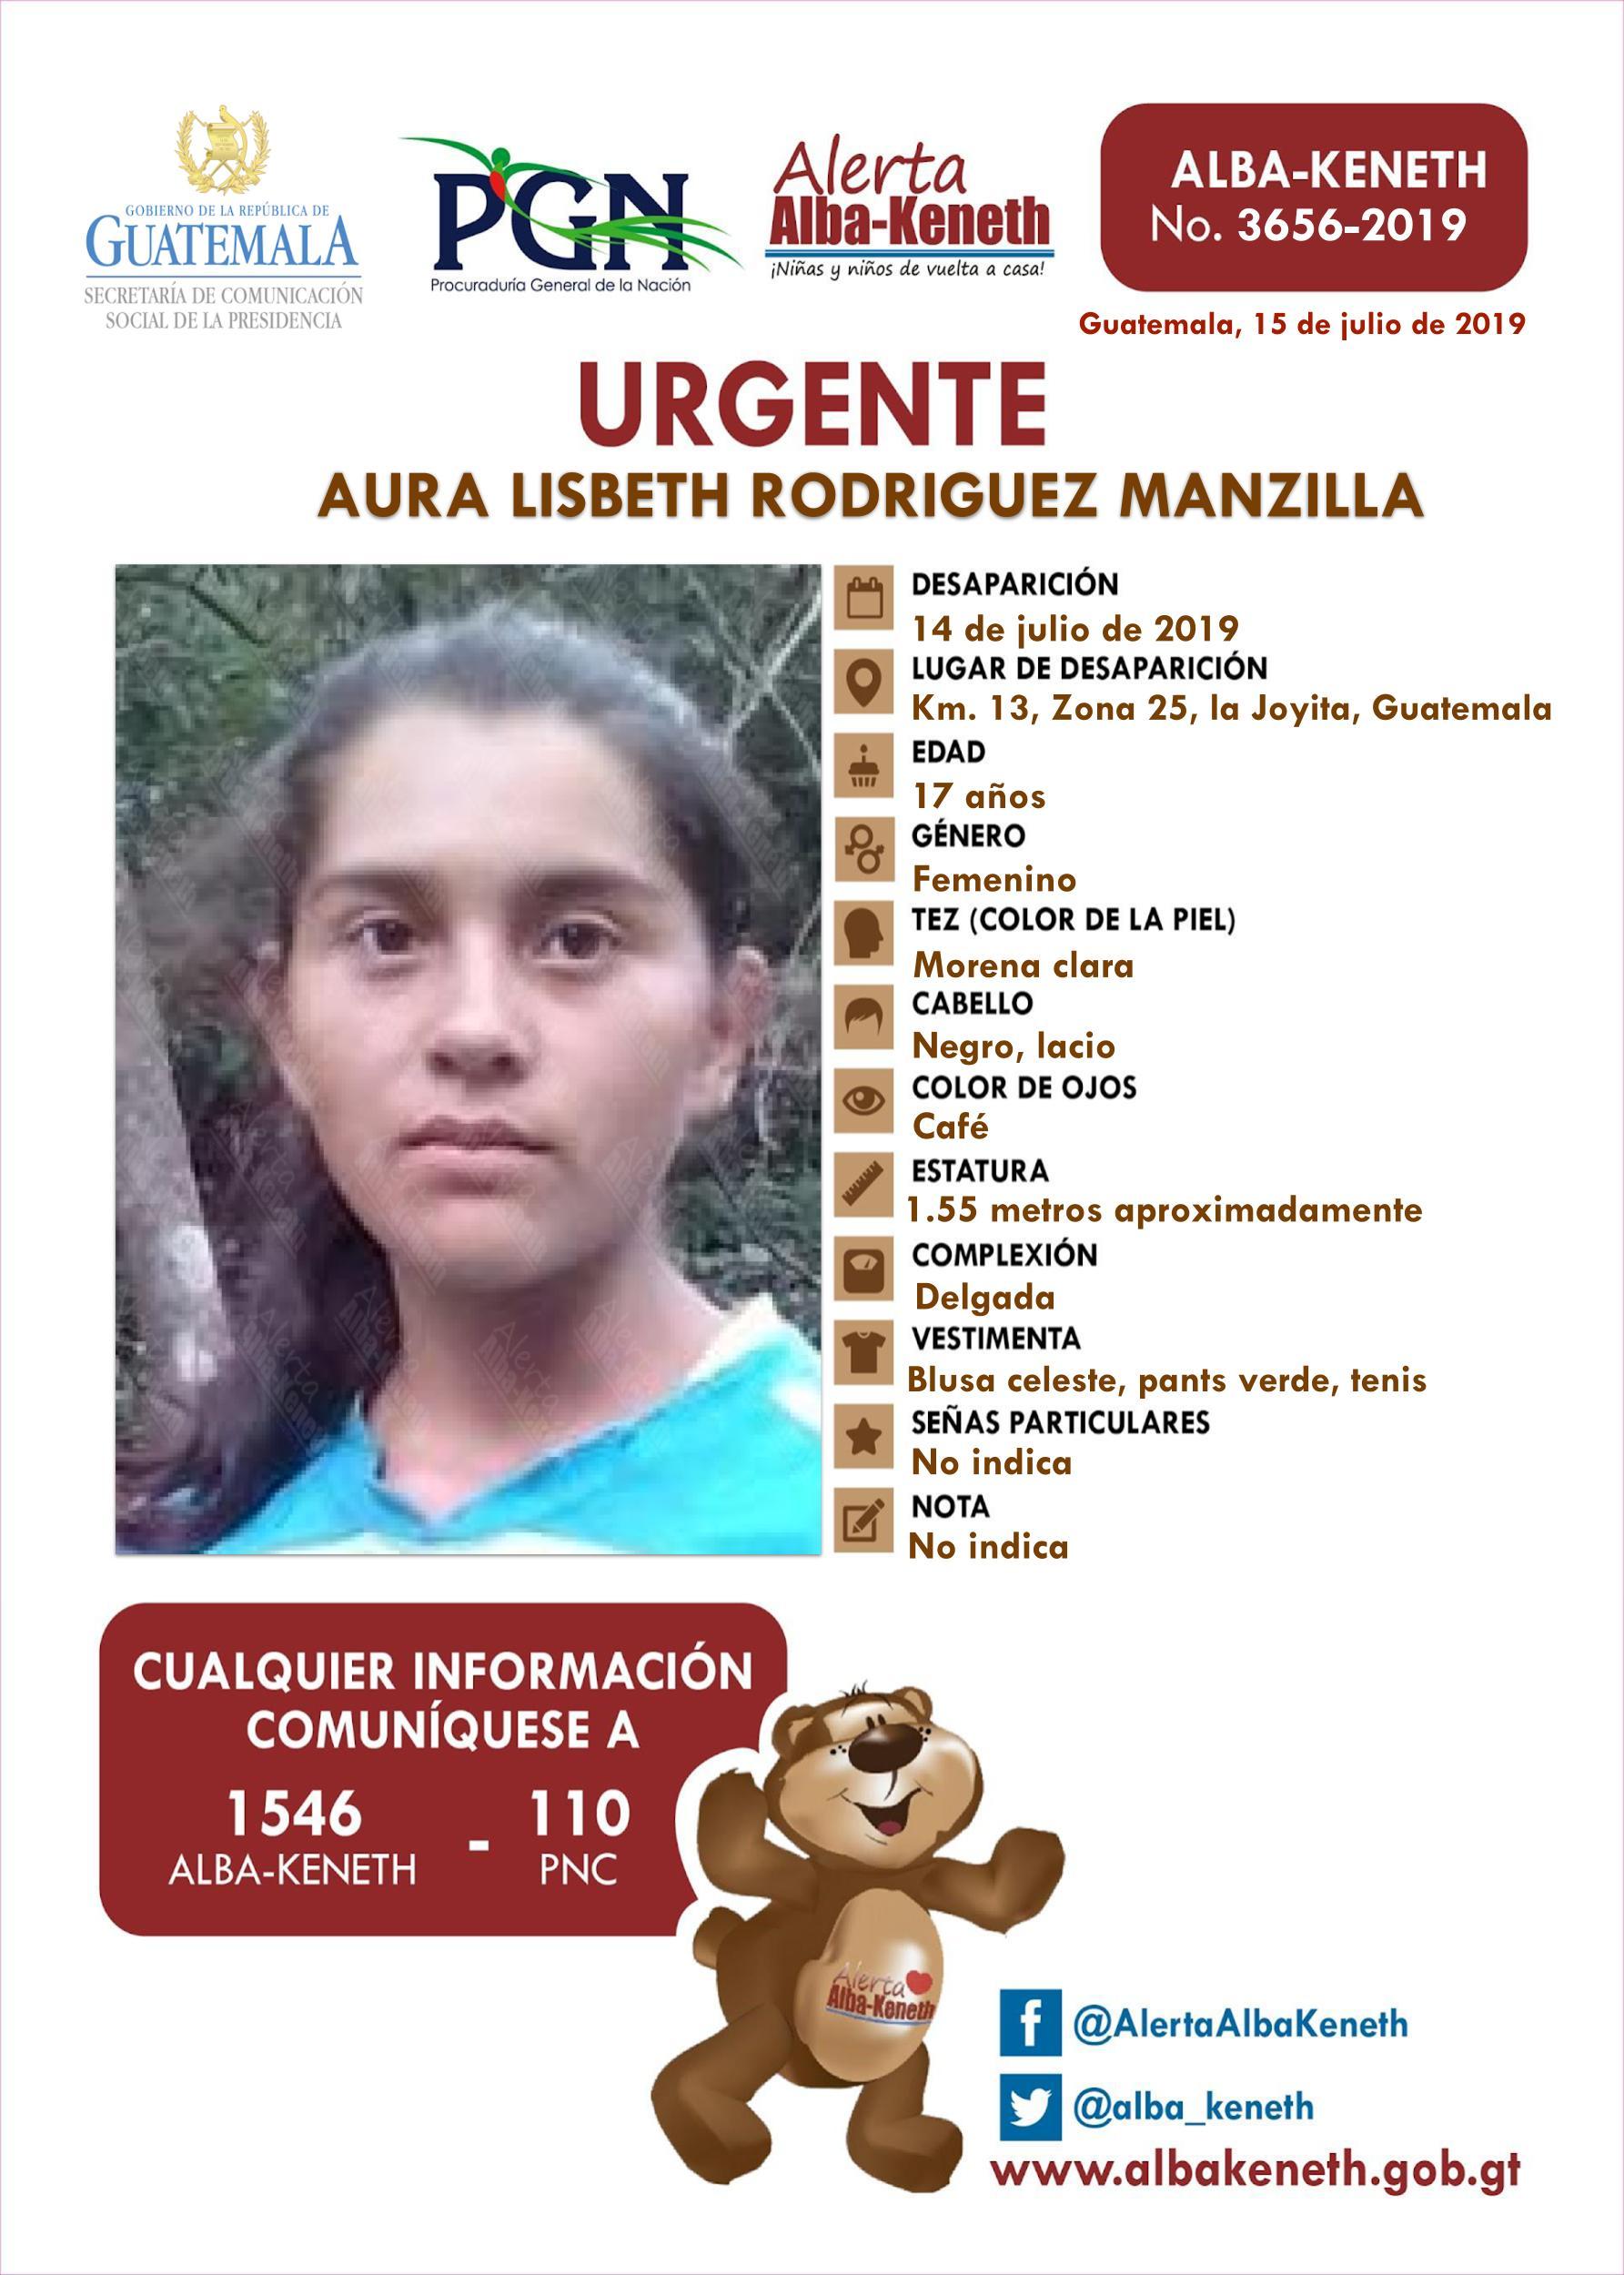 Aura Lisbeth Rodriguez Manzanilla